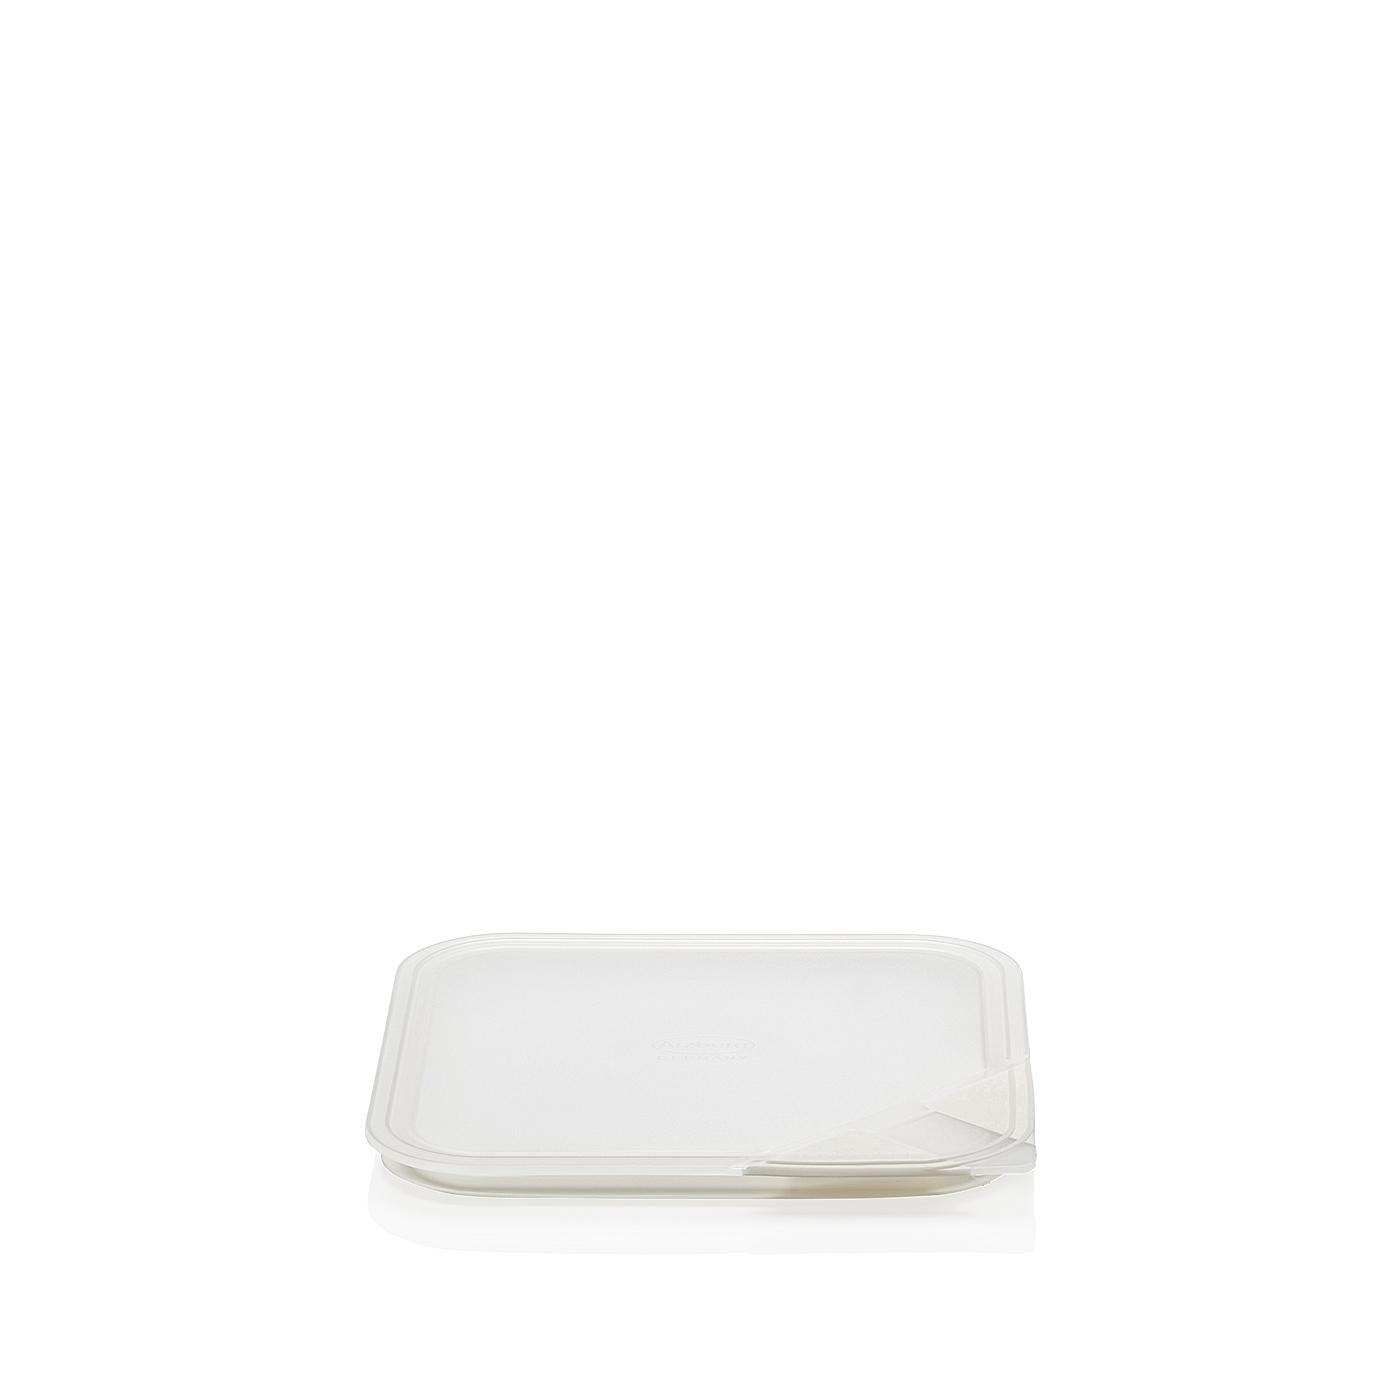 Aromadeckel quadratisch 18 cm Küchenfreunde Kunststoff transparent Arzberg